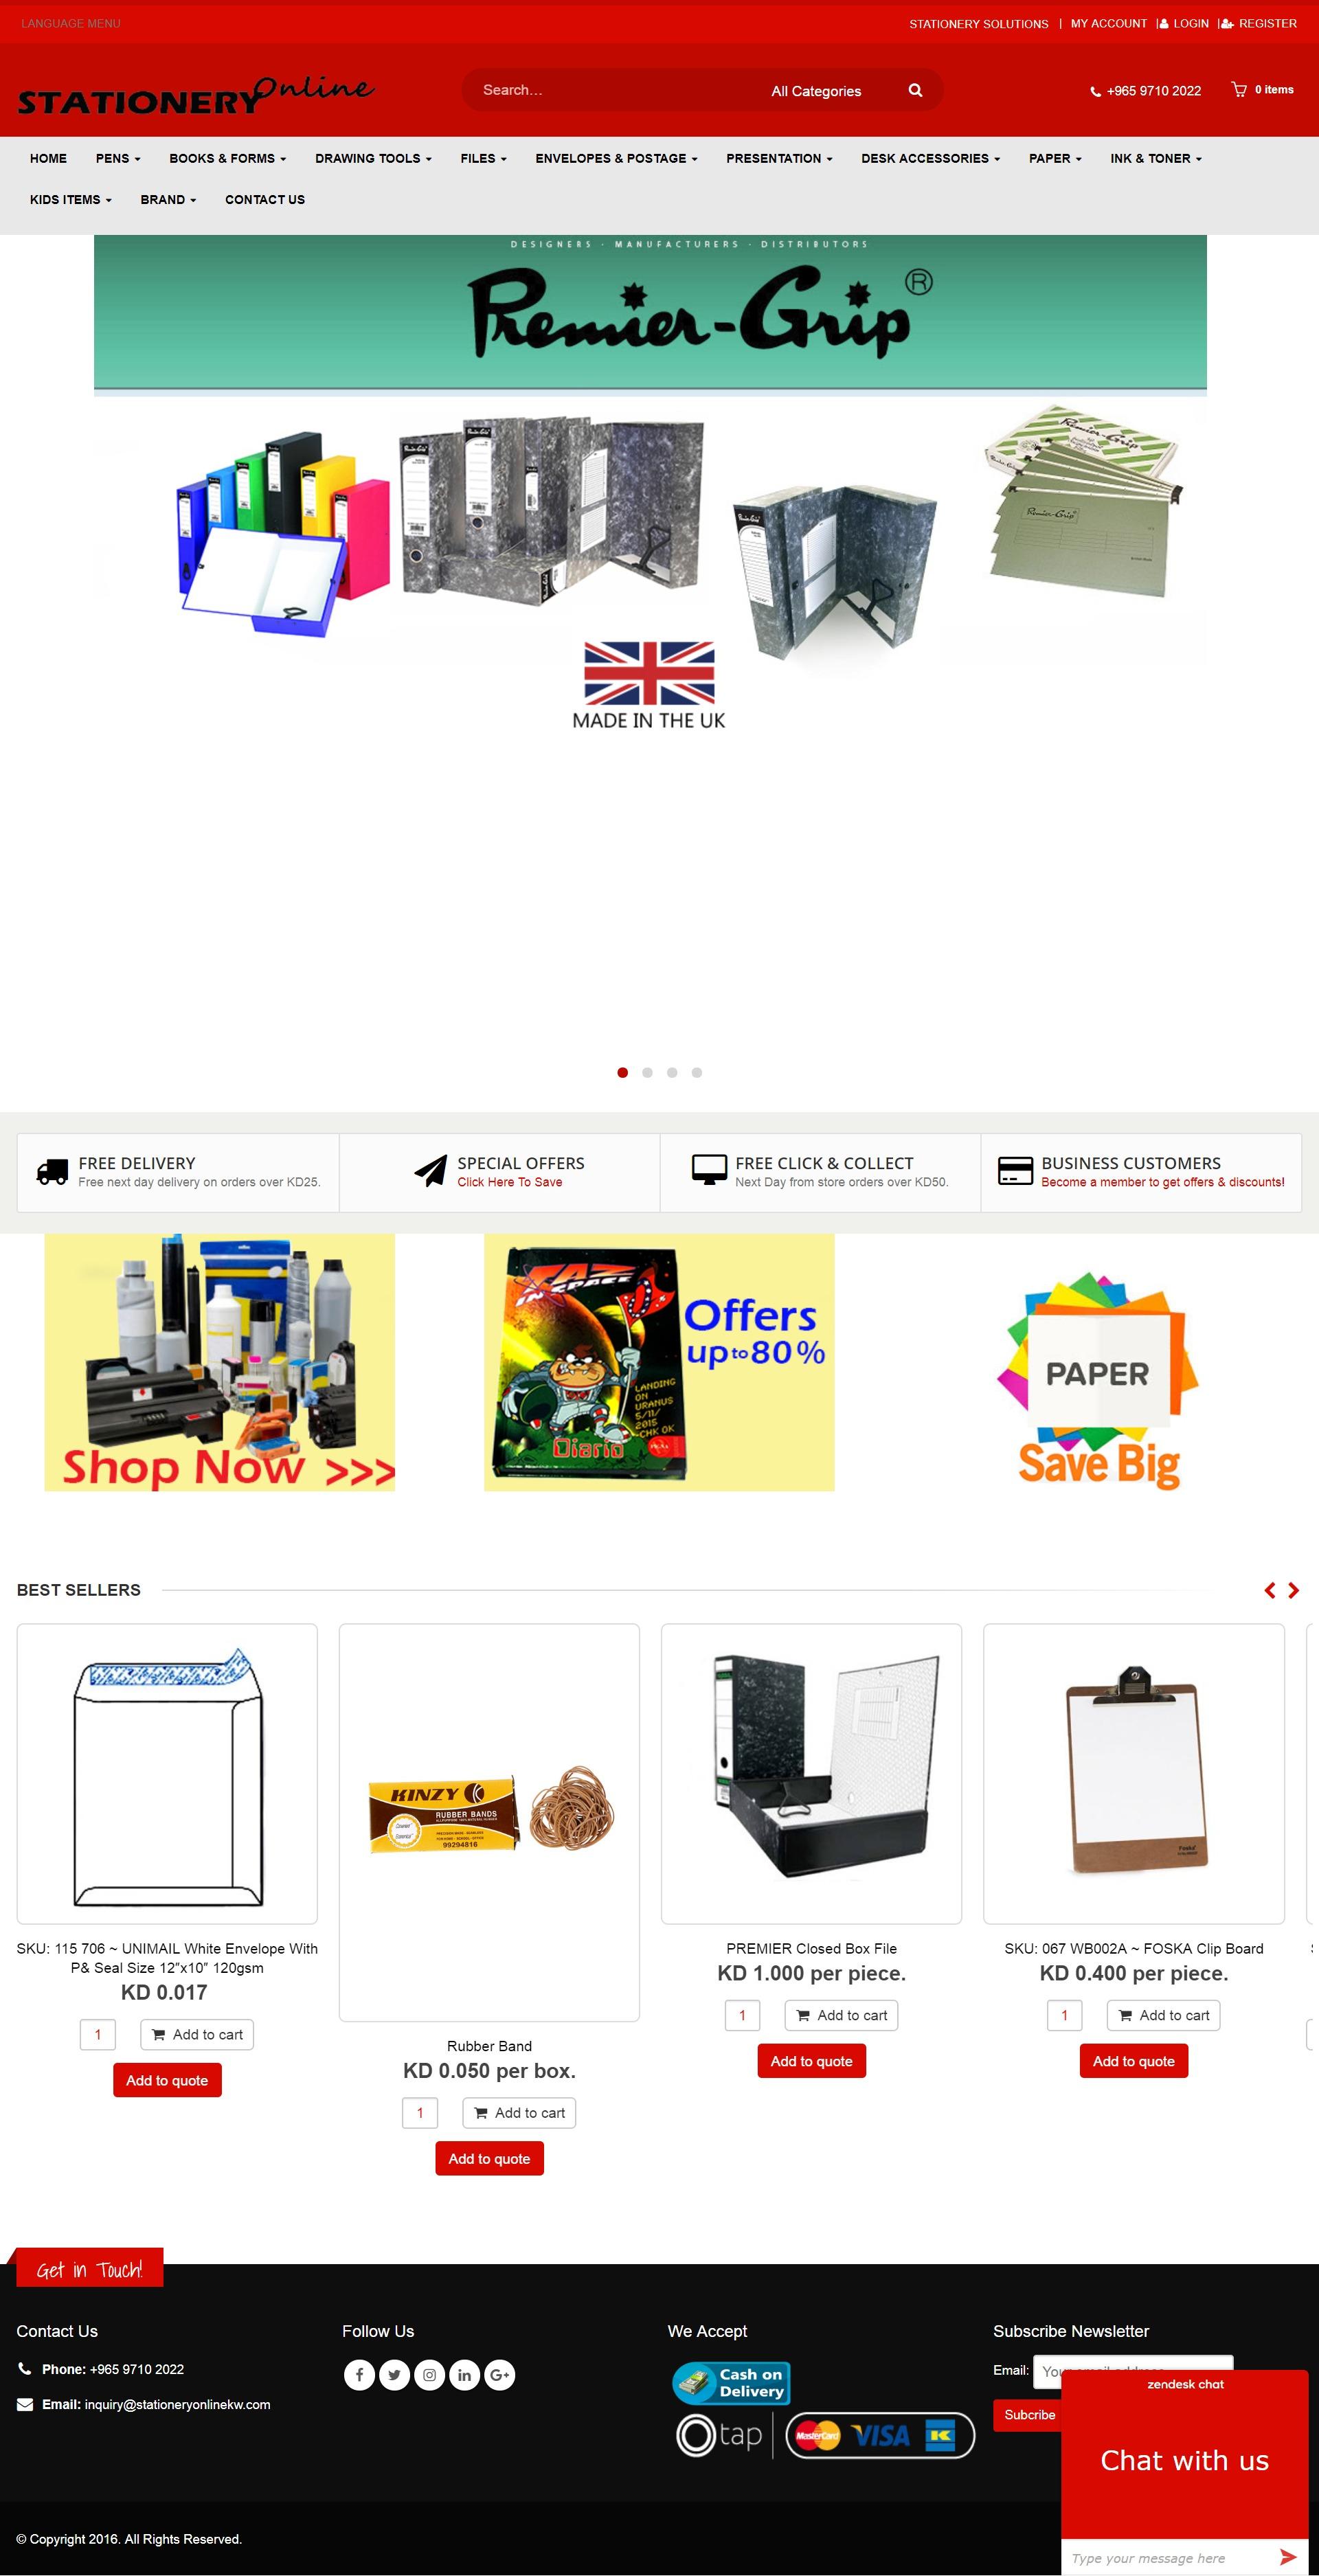 Stationery Online